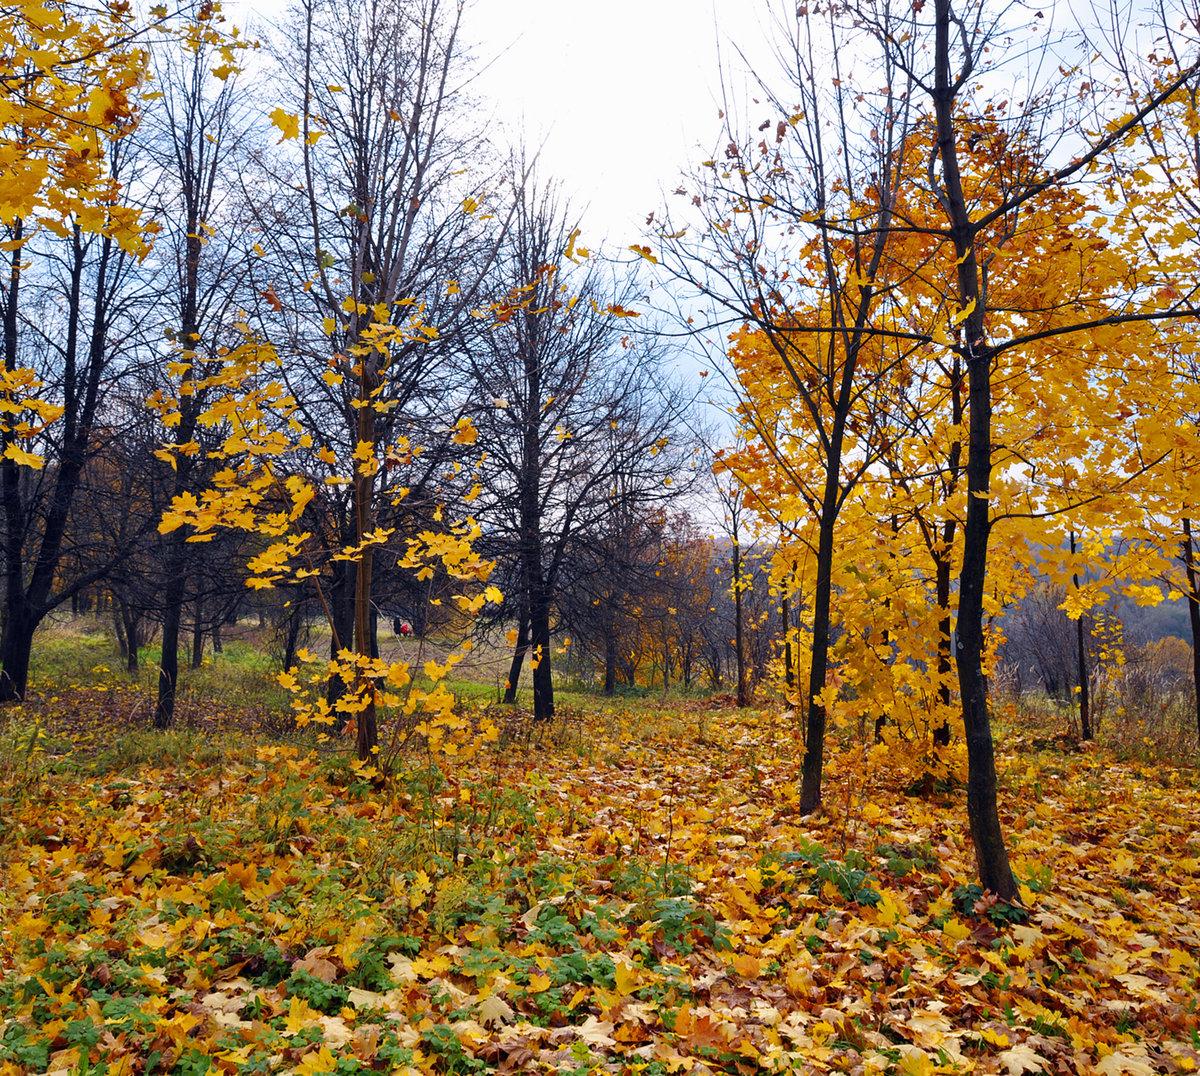 осень в октябре картинки детям временем для посещения